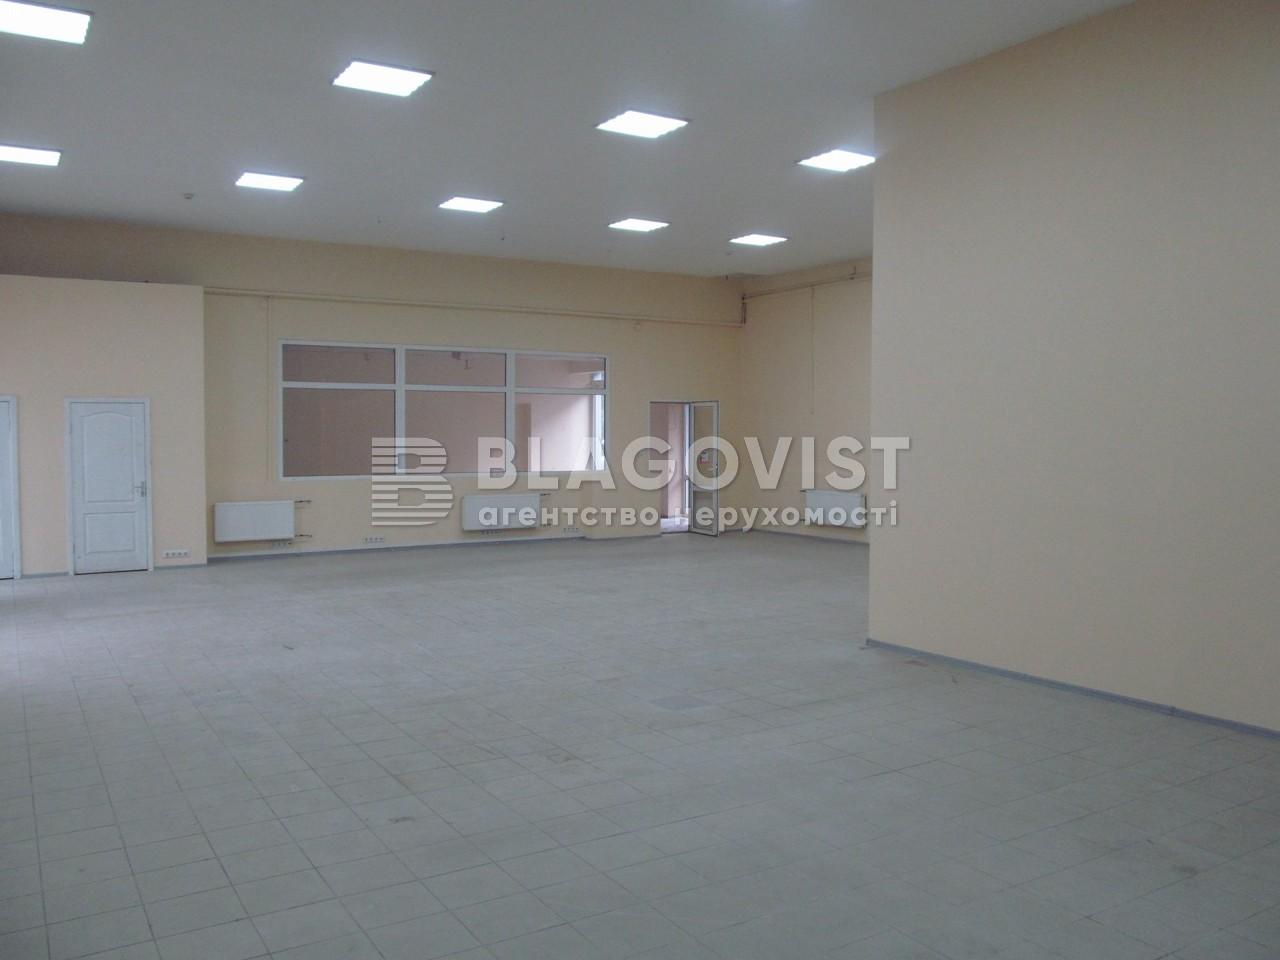 Нежилое помещение, F-41597, Малевича Казимира (Боженко), Киев - Фото 8